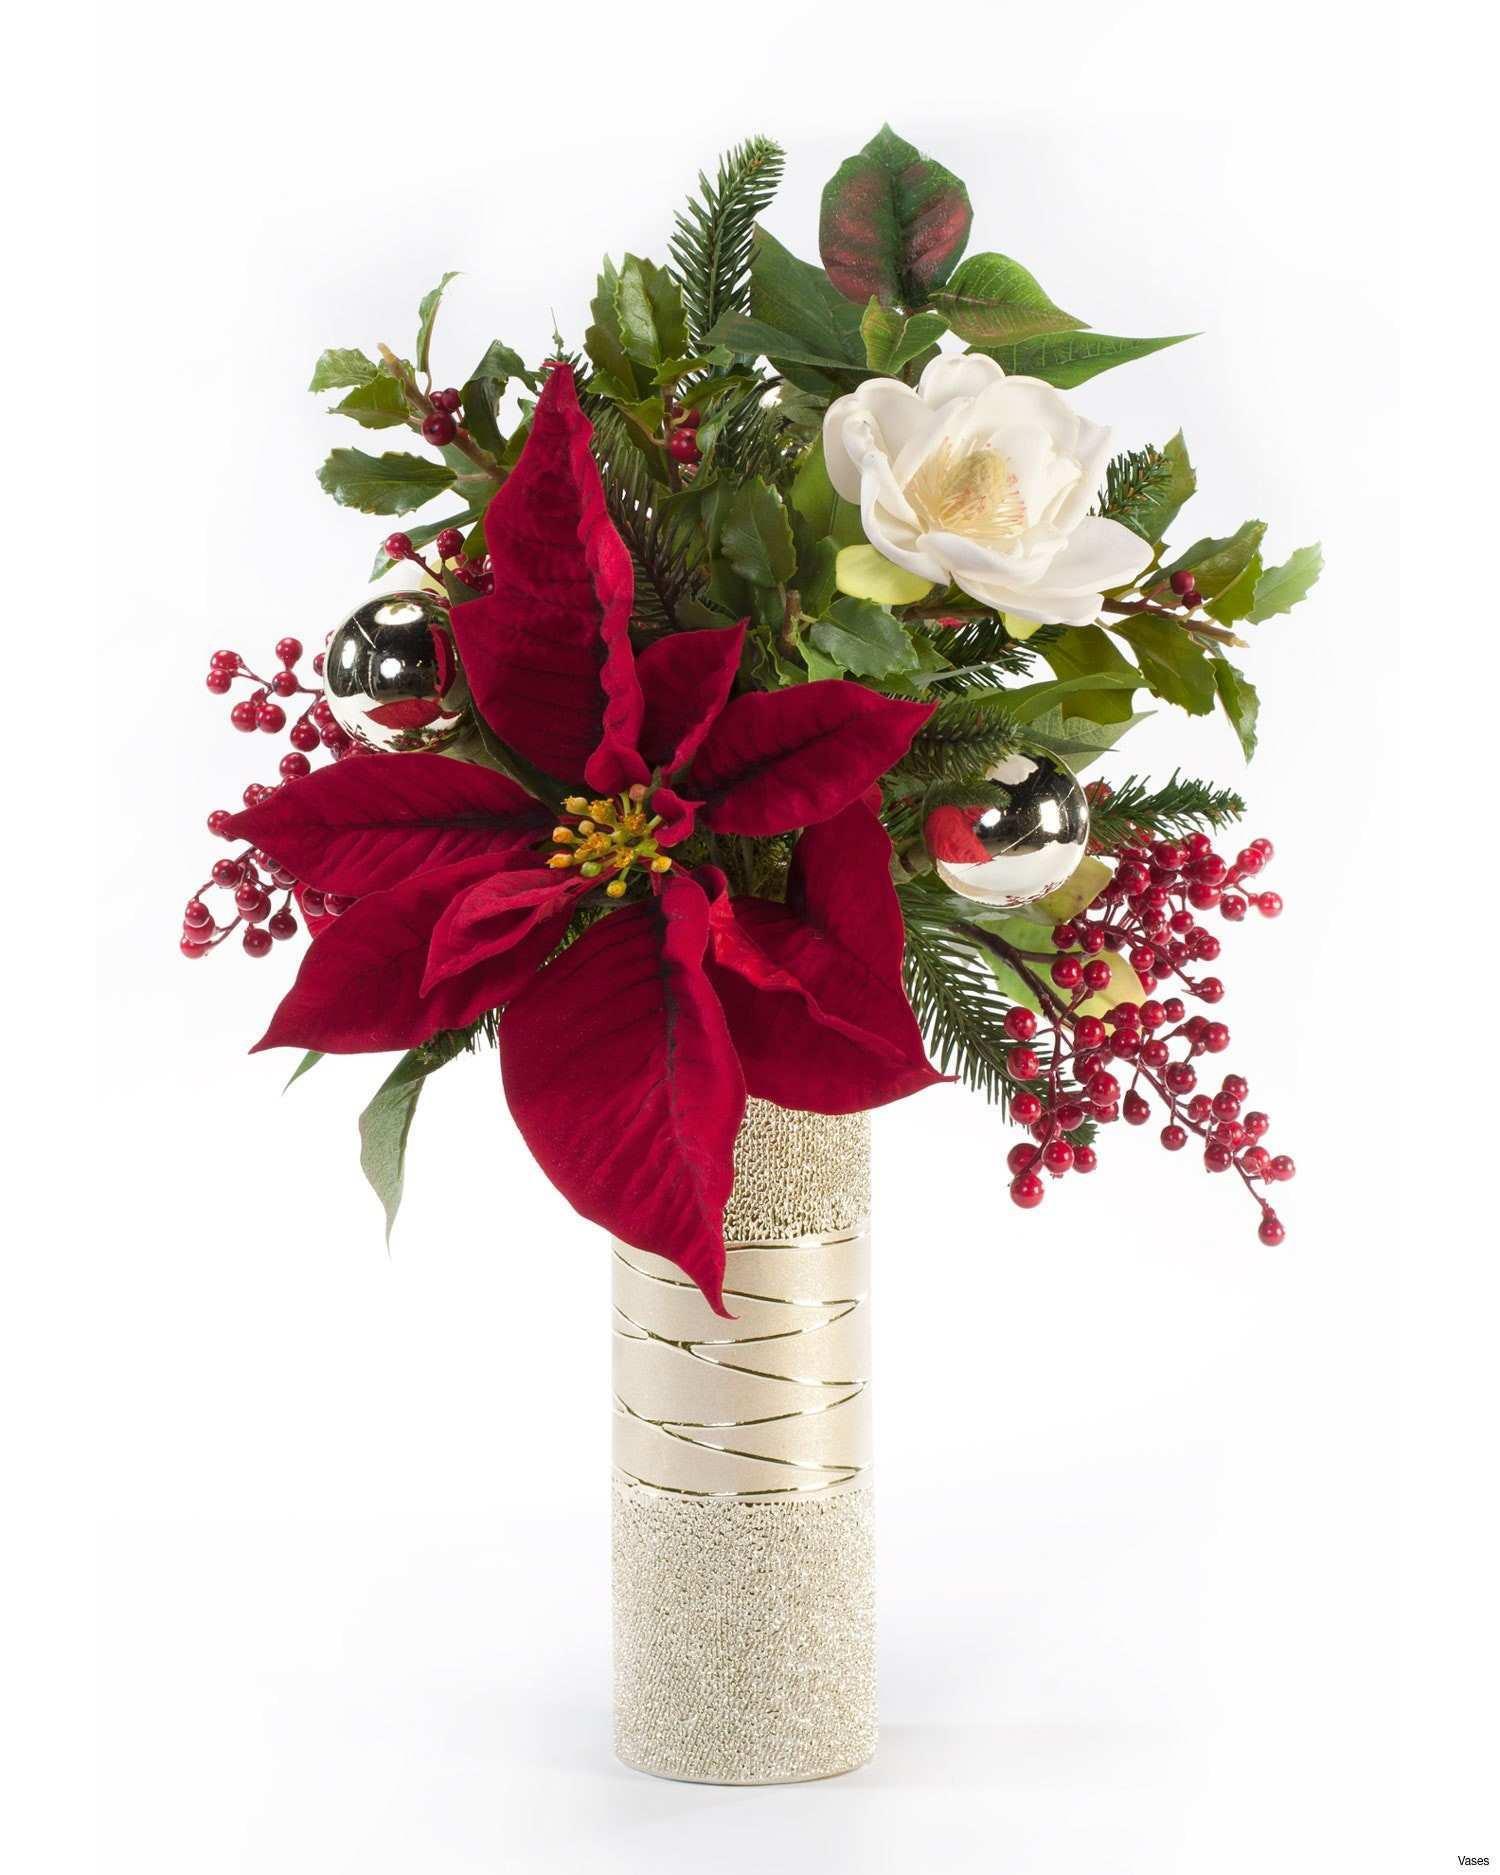 mercury glass bud vase of luxury flower ideas garden ideas for lsa flower colour bud vase red h vases i 0d wing design ideas fake poinsettias